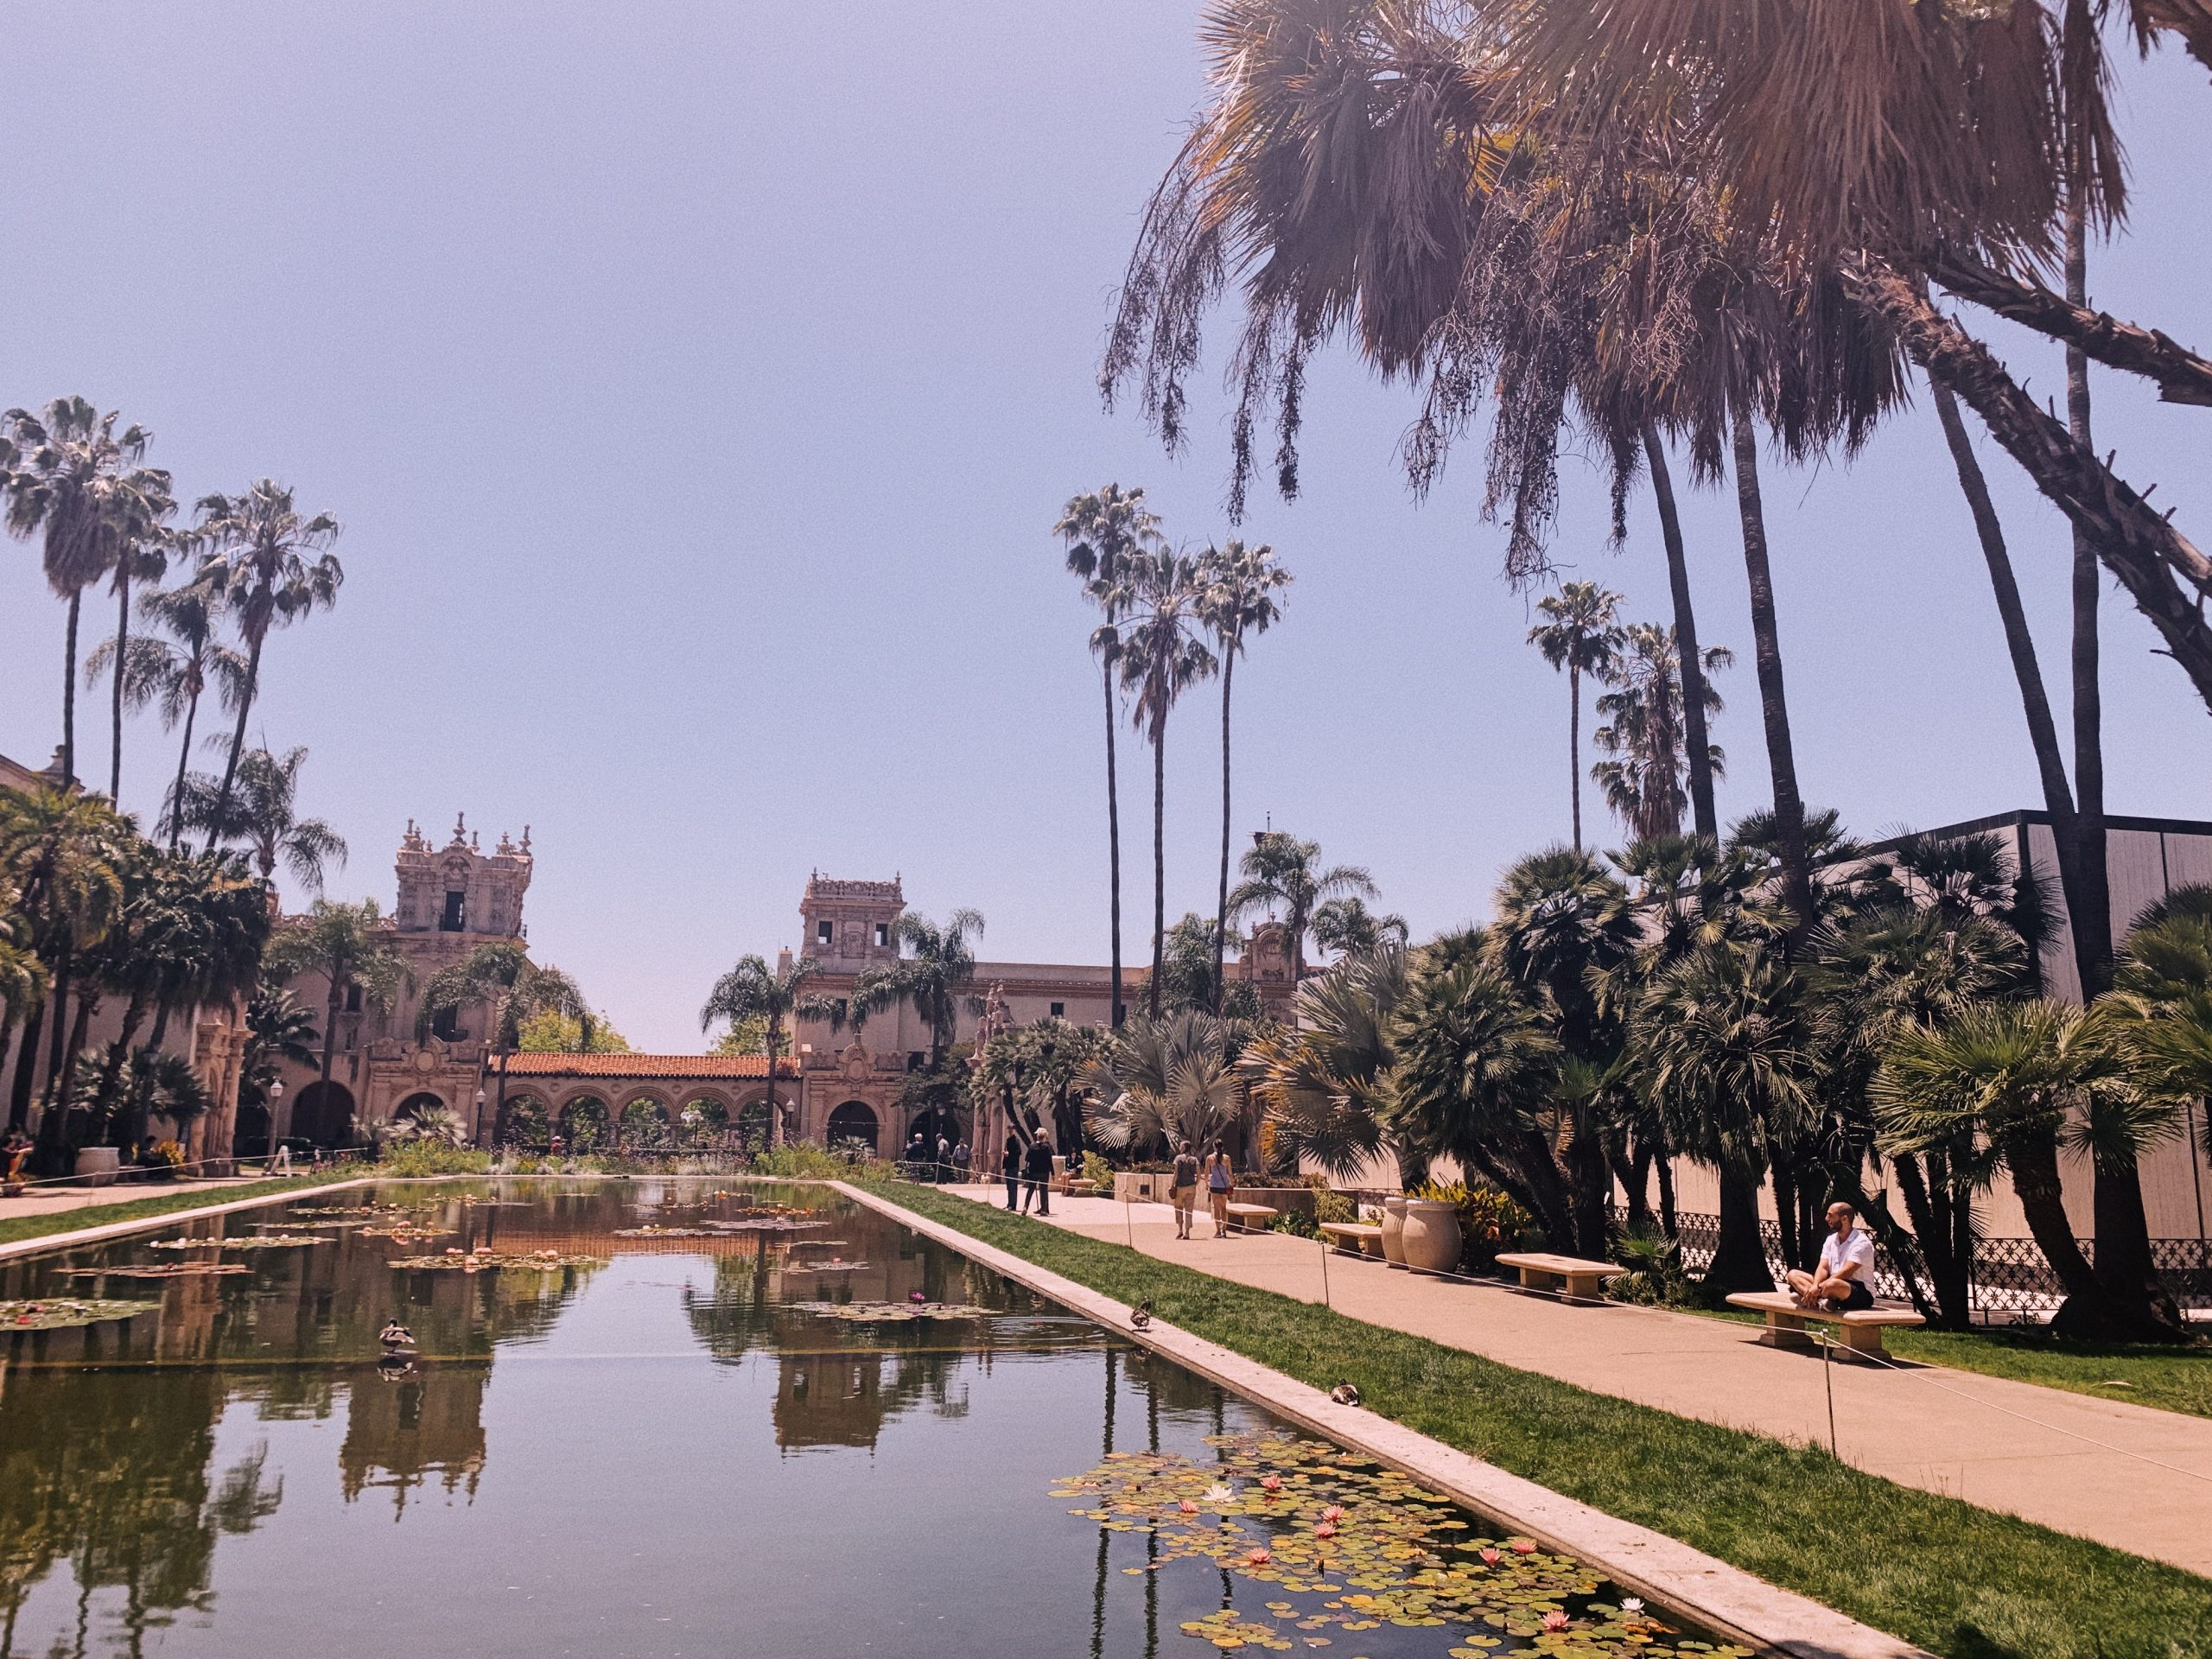 balboa park san diego usa america california garden picnic